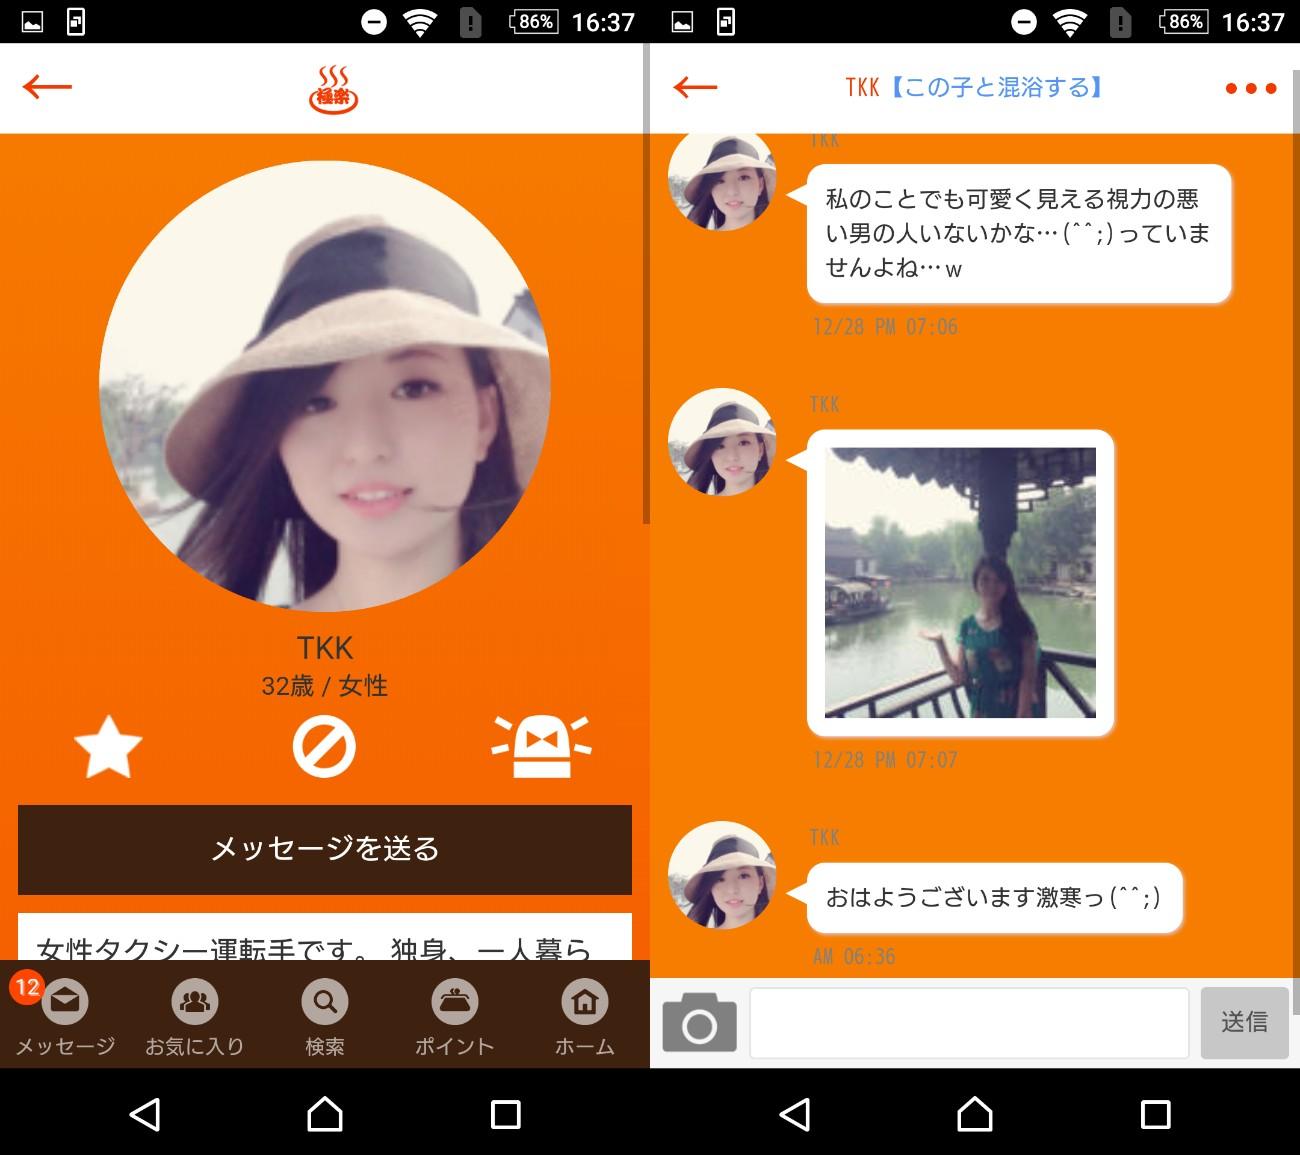 詐欺出会い系アプリ「極楽~GoKuraku~」サクラのTKK